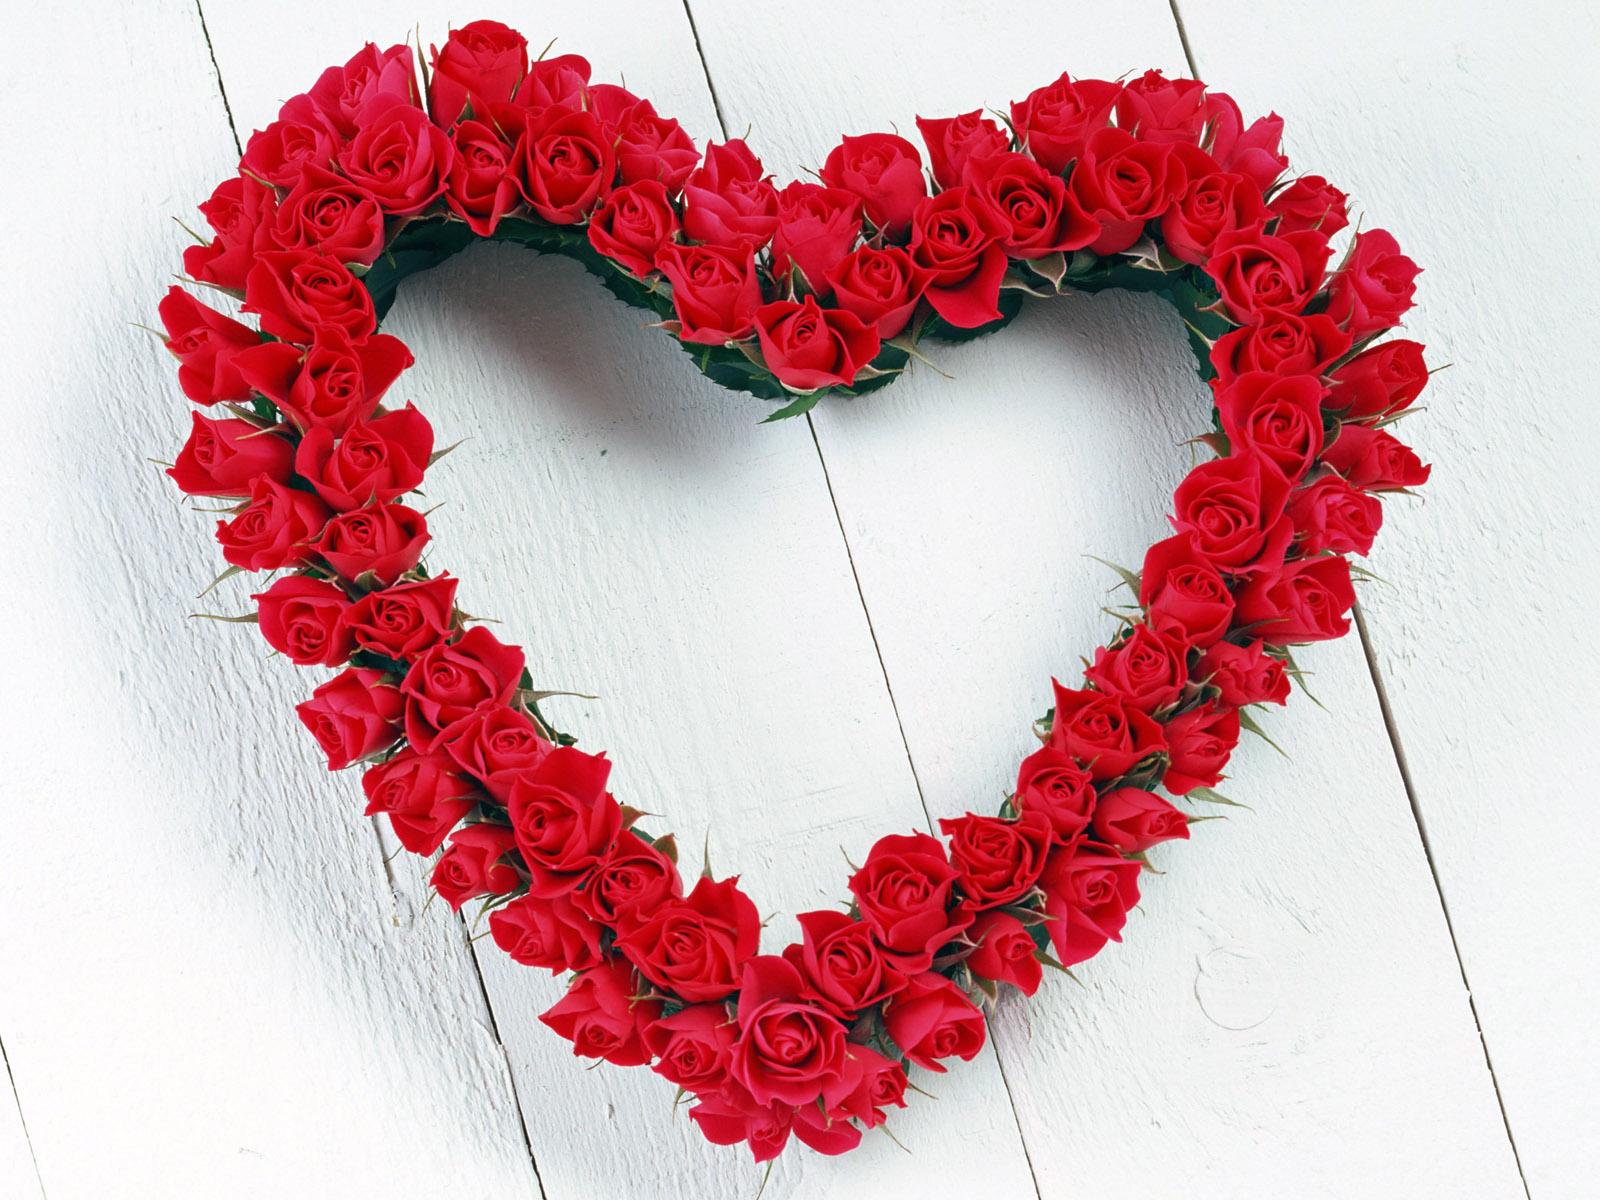 Поздравления с днем святого валентина своими руками